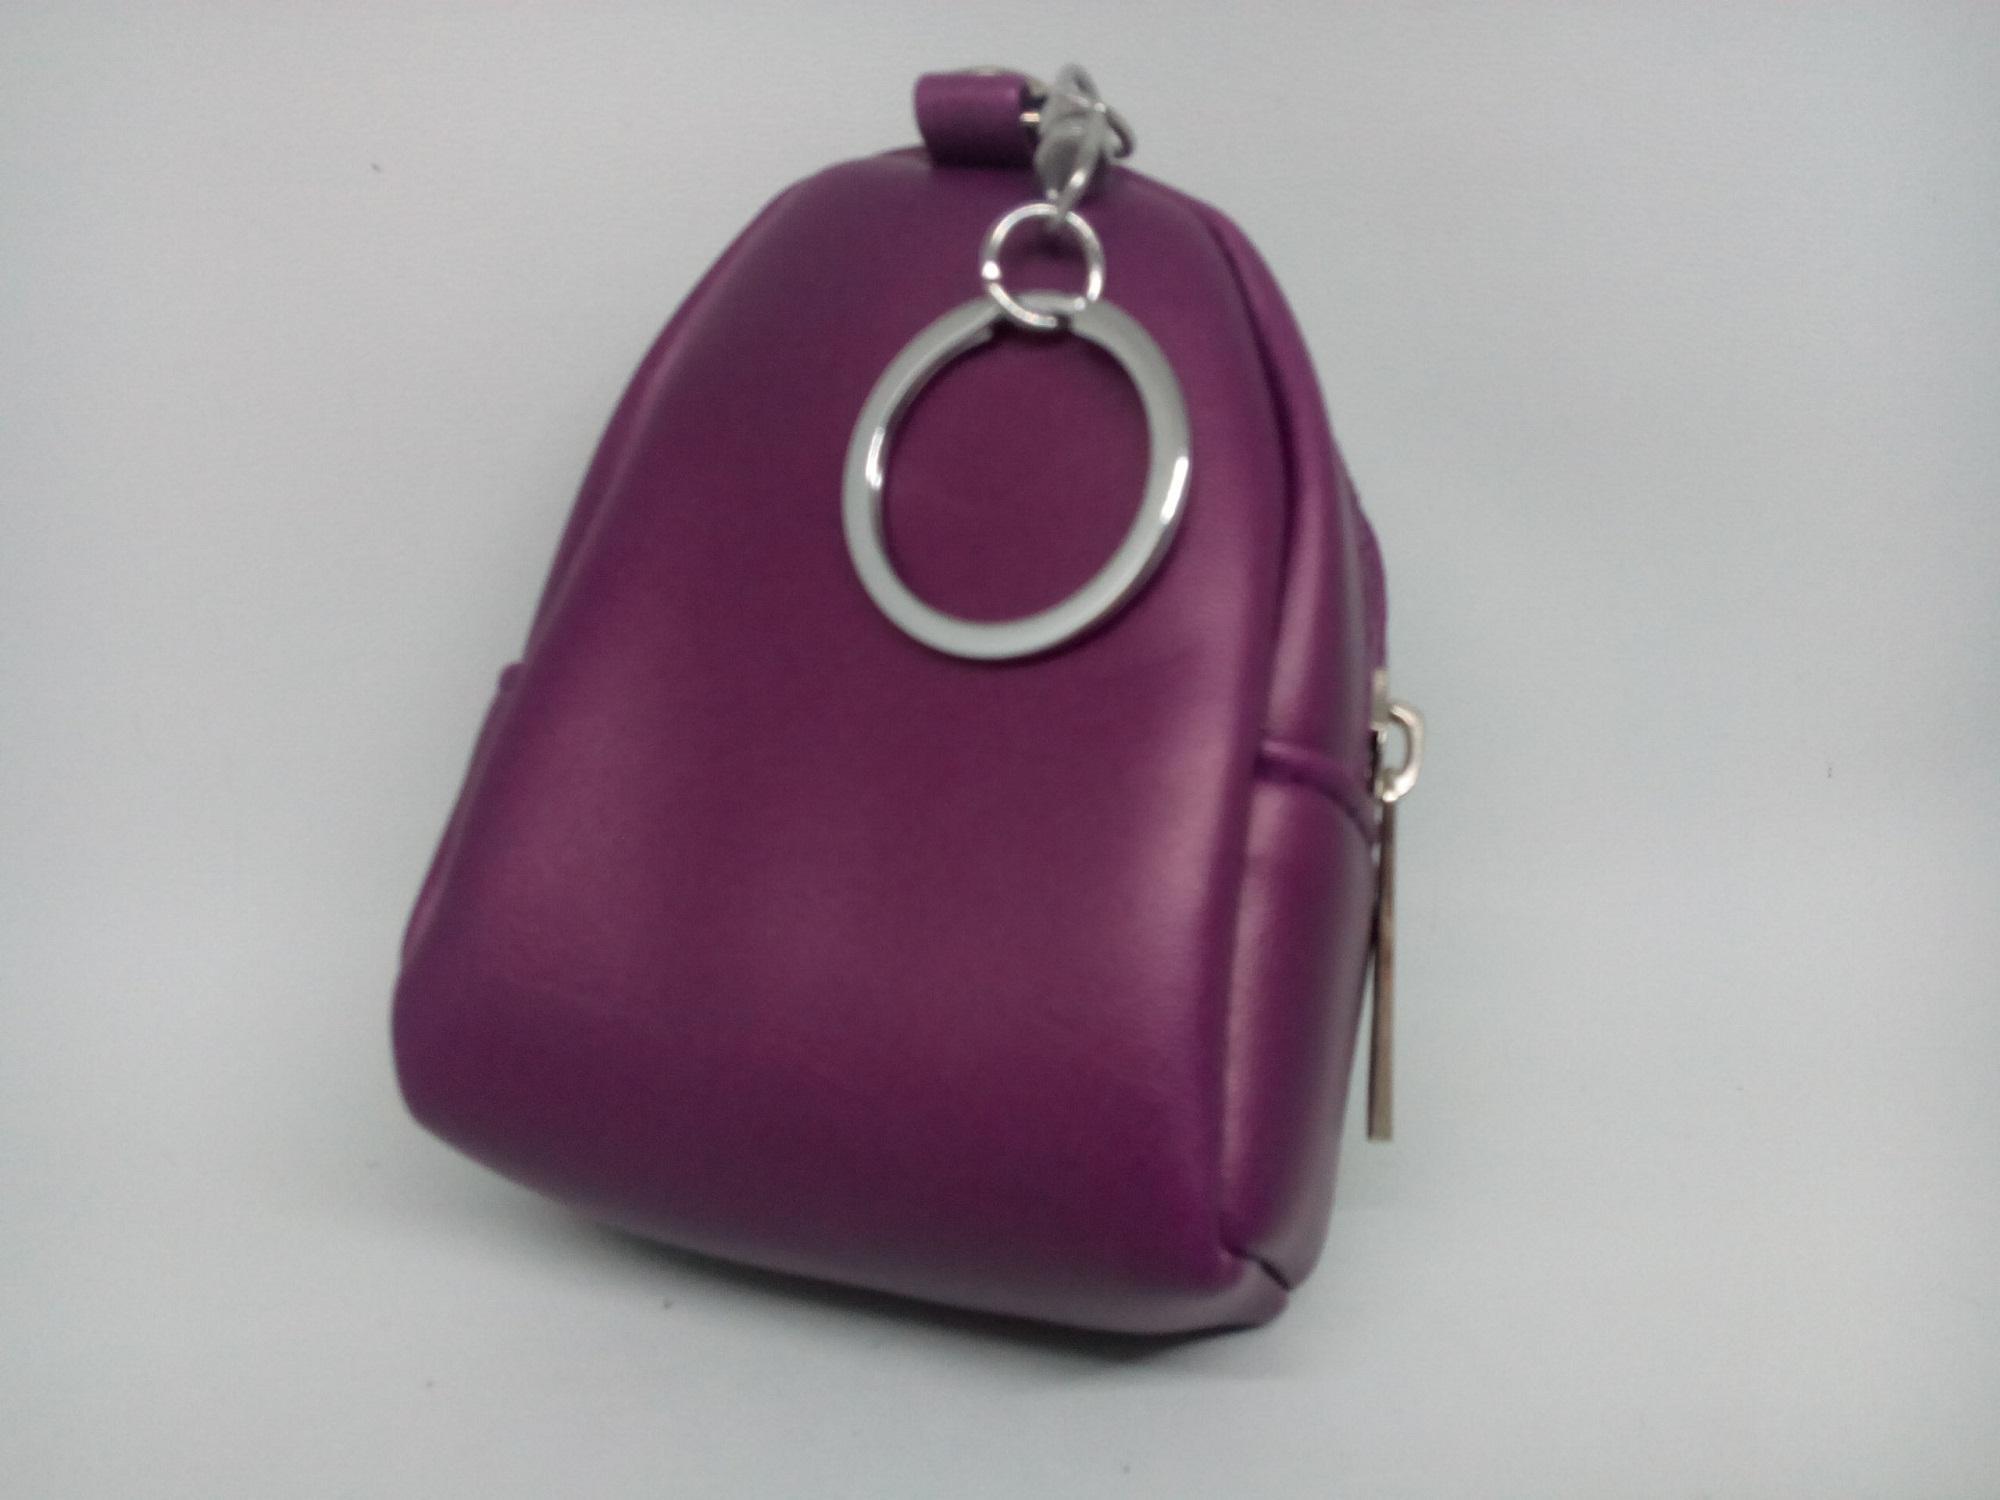 dompet koin miniatur ransel ransel terbaru dan terlaris - clue win shop